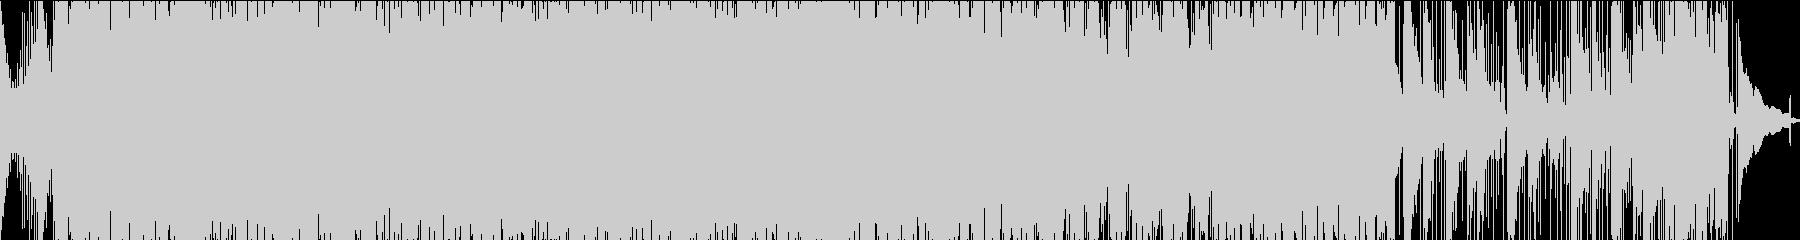 爽やかでゆったりとしたロックの未再生の波形